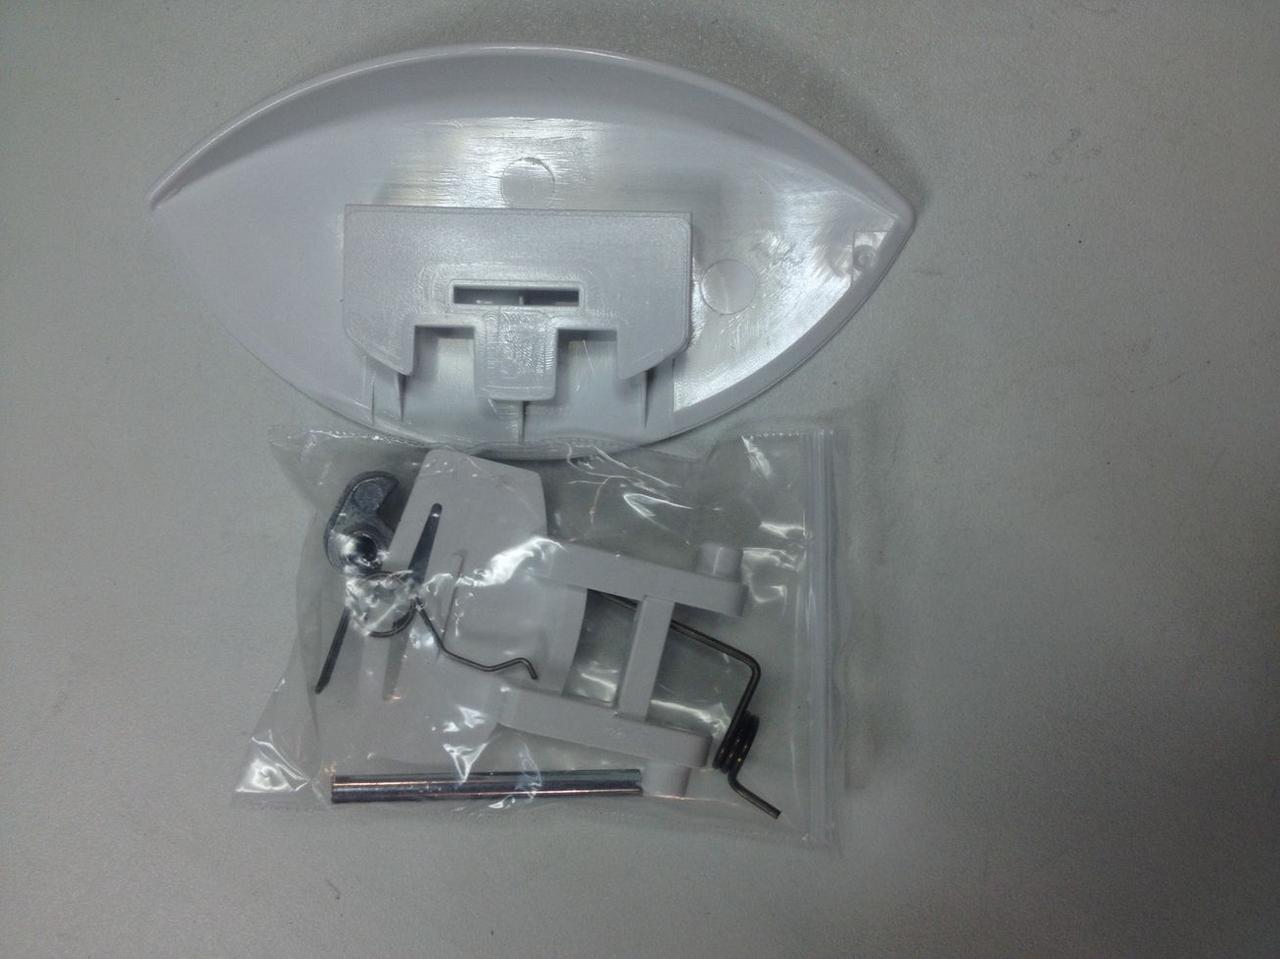 Ручка дверки (люка) ARDO SE 651027704 для стиральной машины